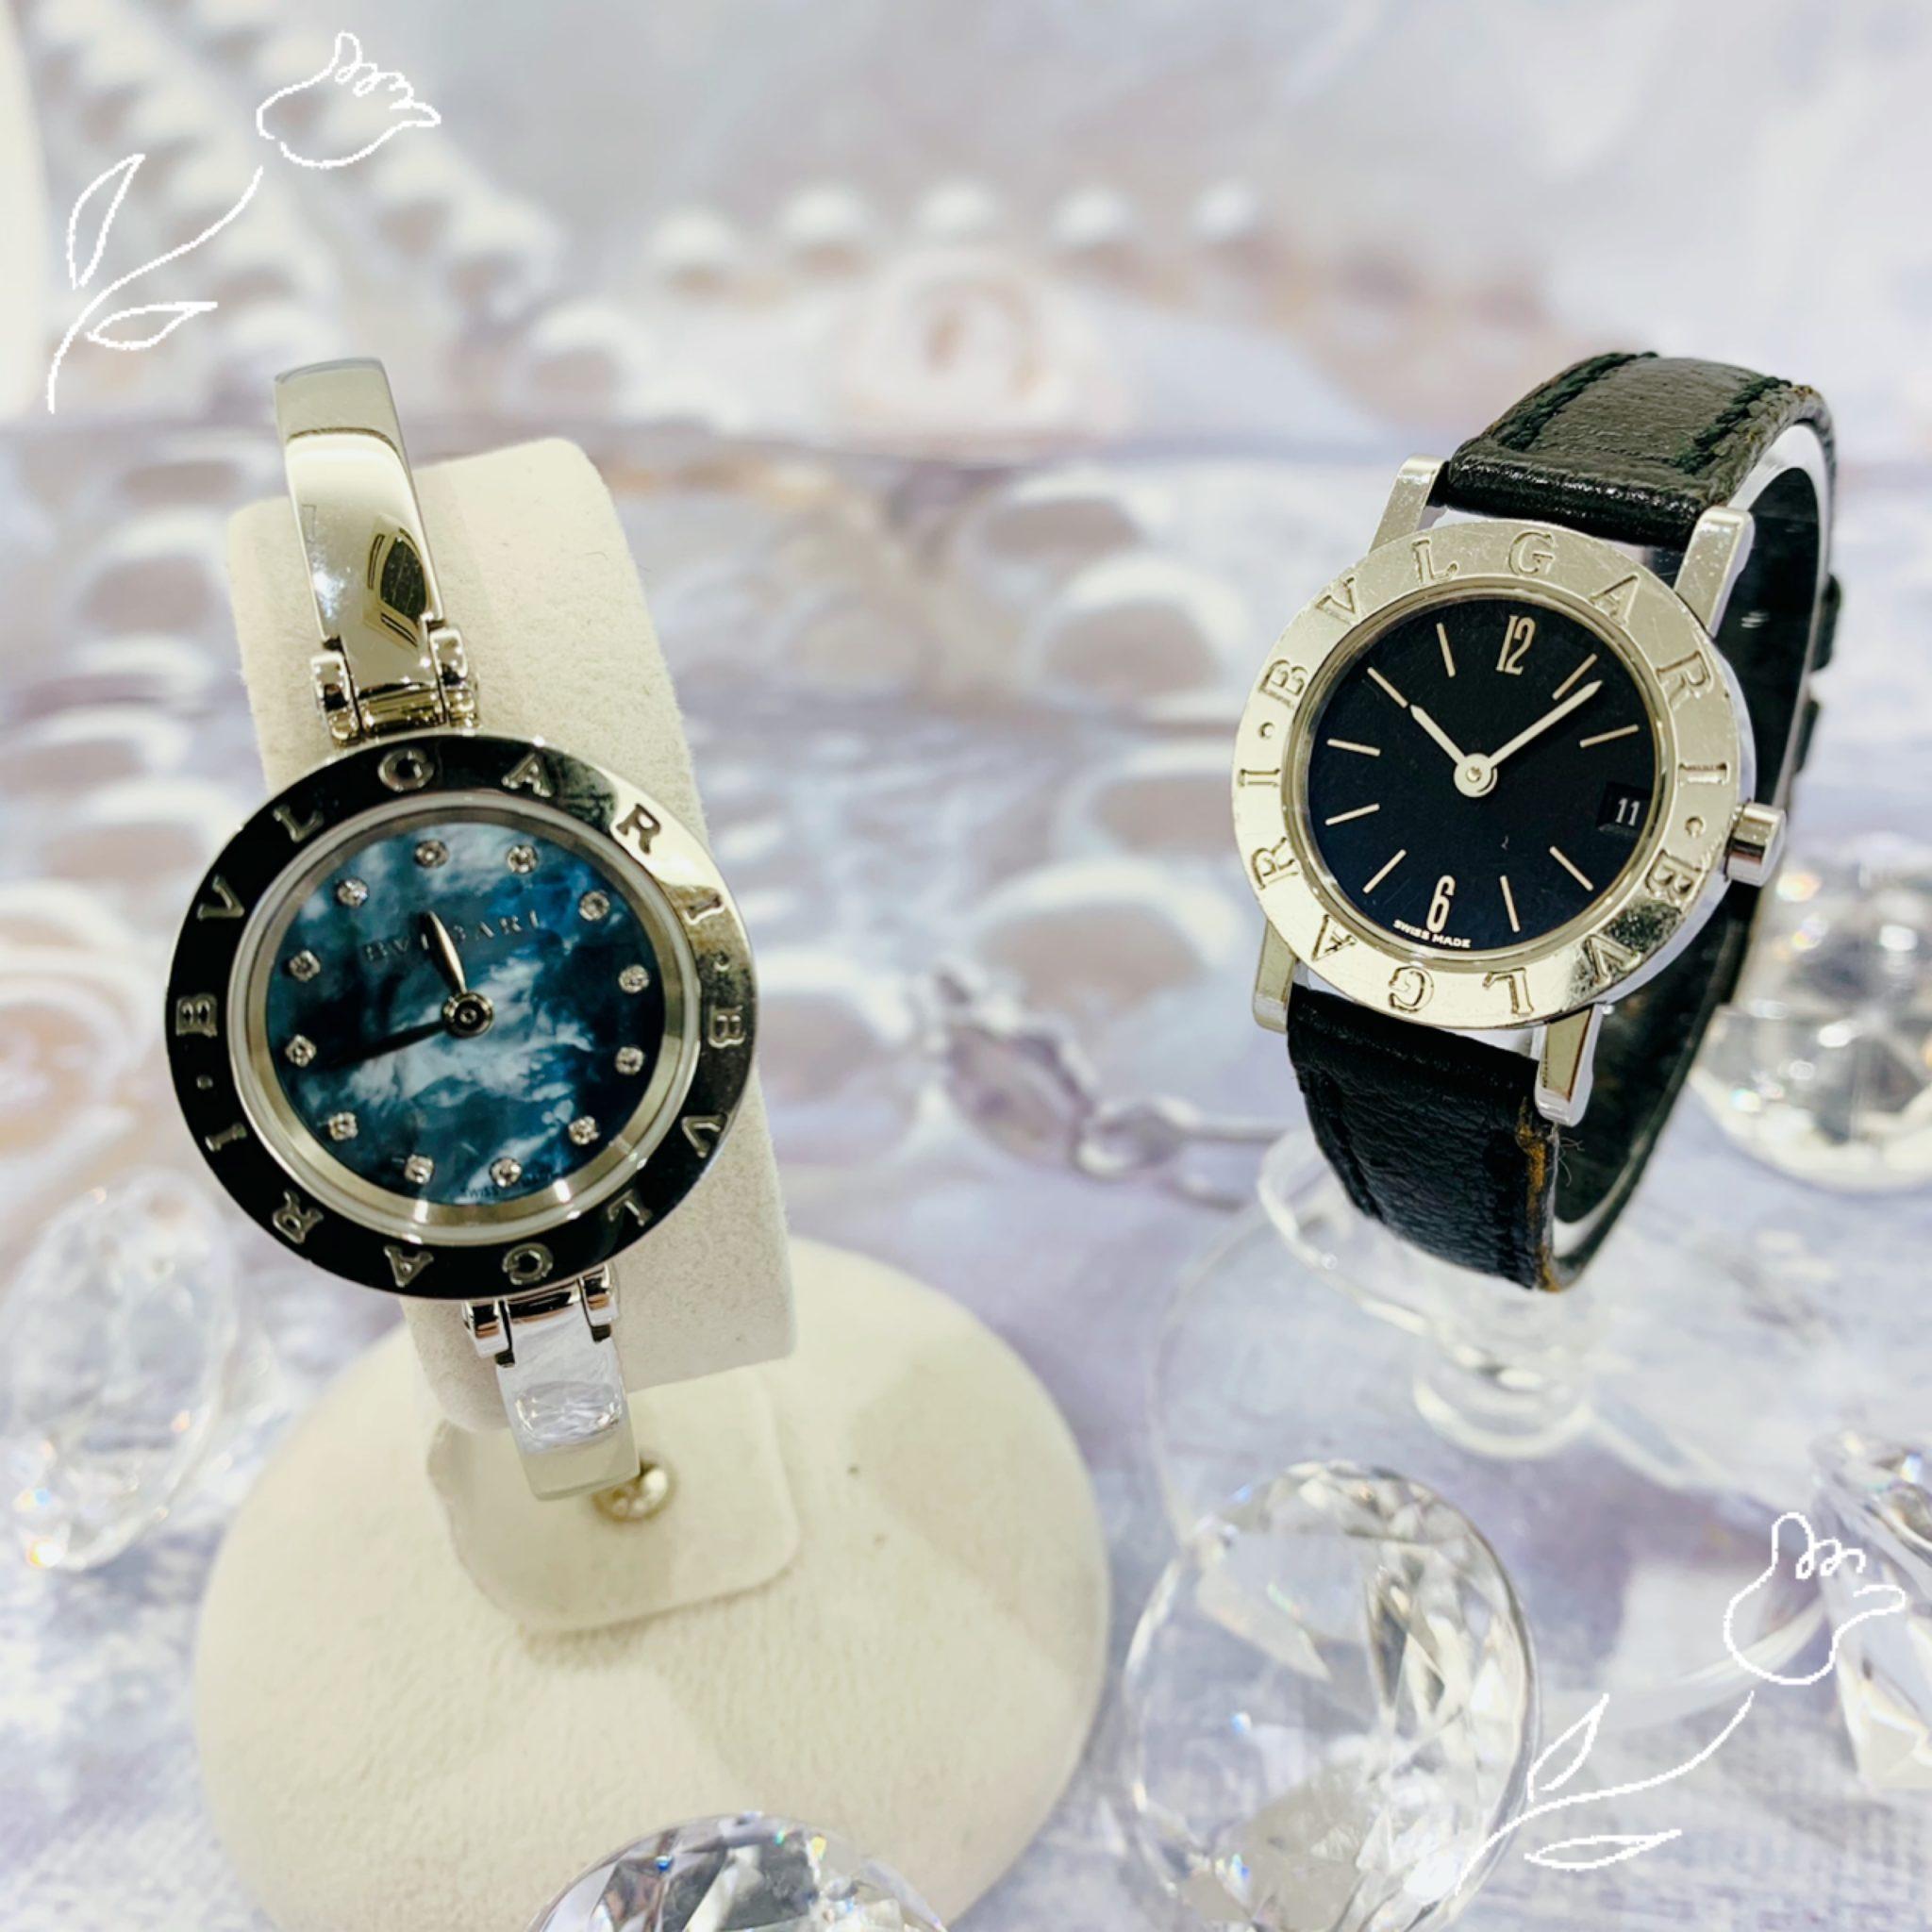 【時計 販売 盛岡】さすが【BVLGARI】ブルガリ✨長くお使いいただきたい洗練された腕時計